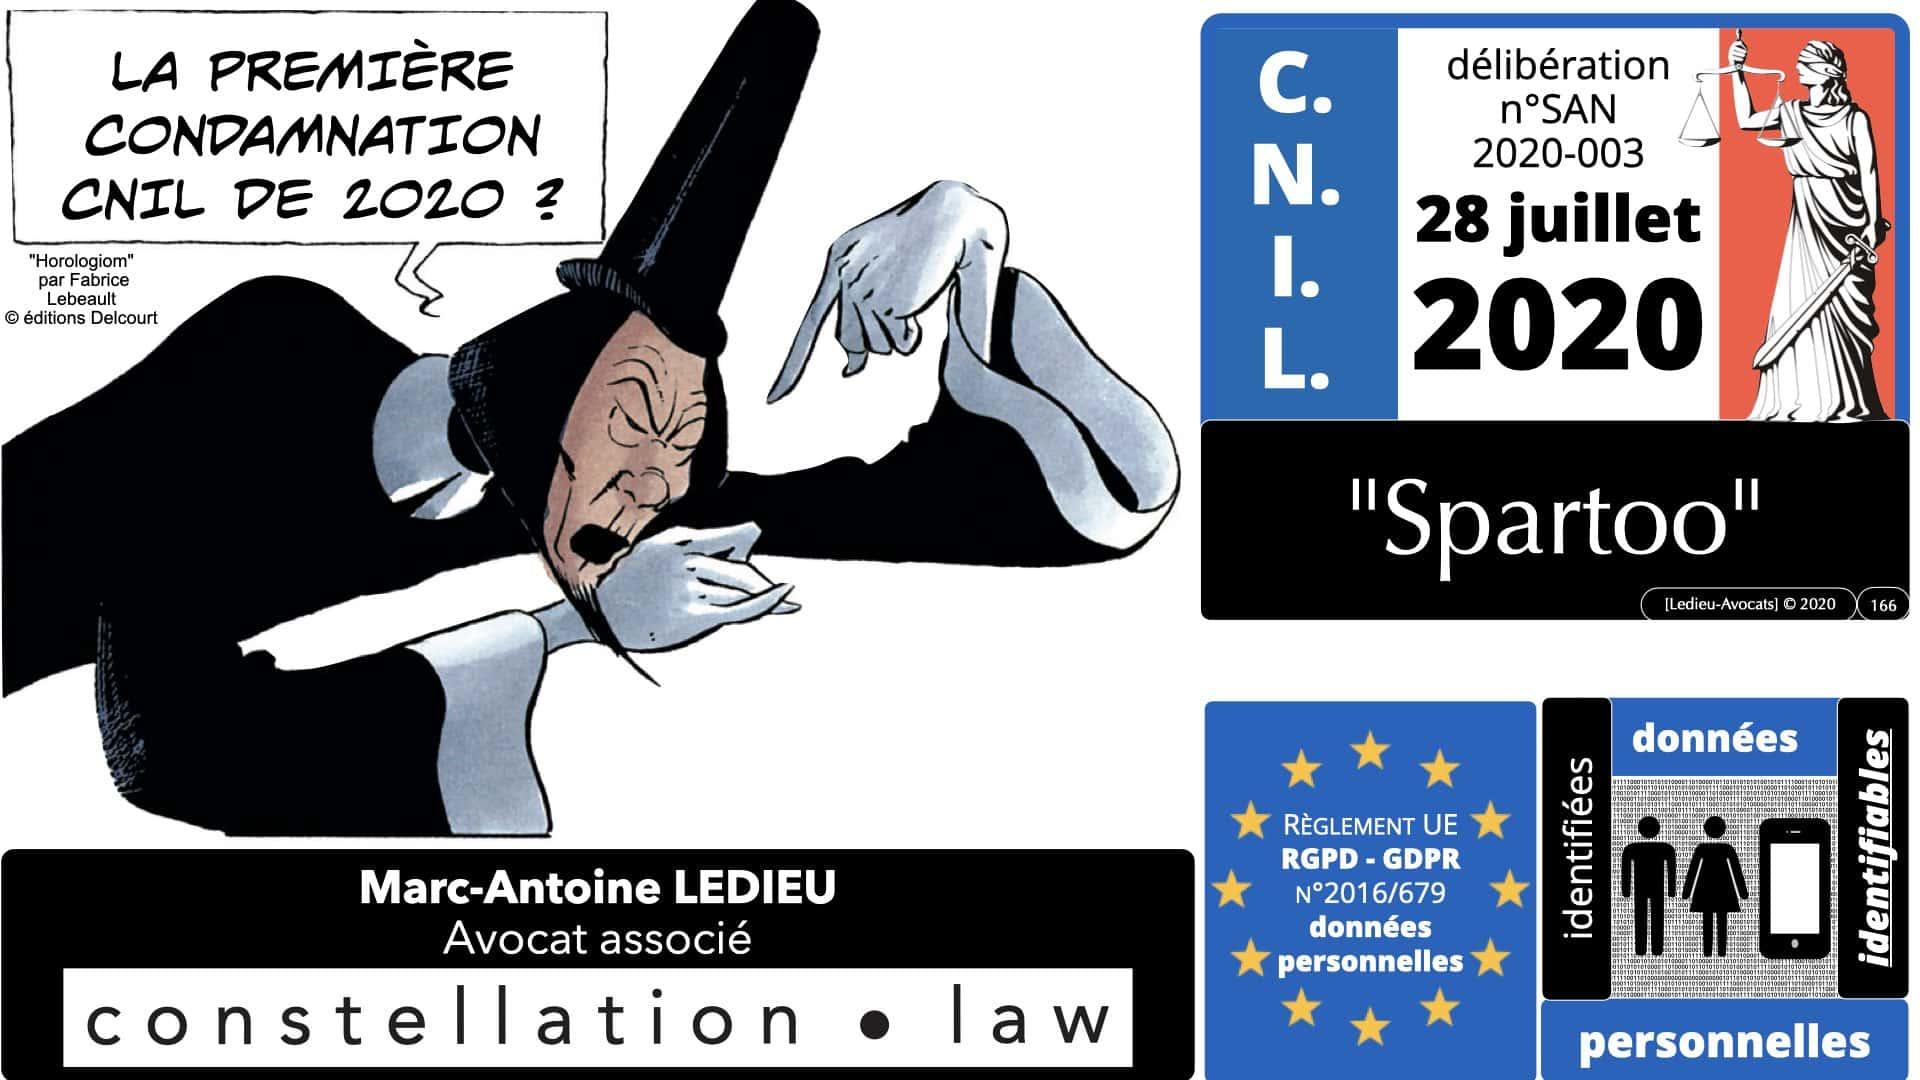 RGPD e-Privacy données personnelles jurisprudence formation Lamy Les Echos 10-02-2021 ©Ledieu-Avocats.166